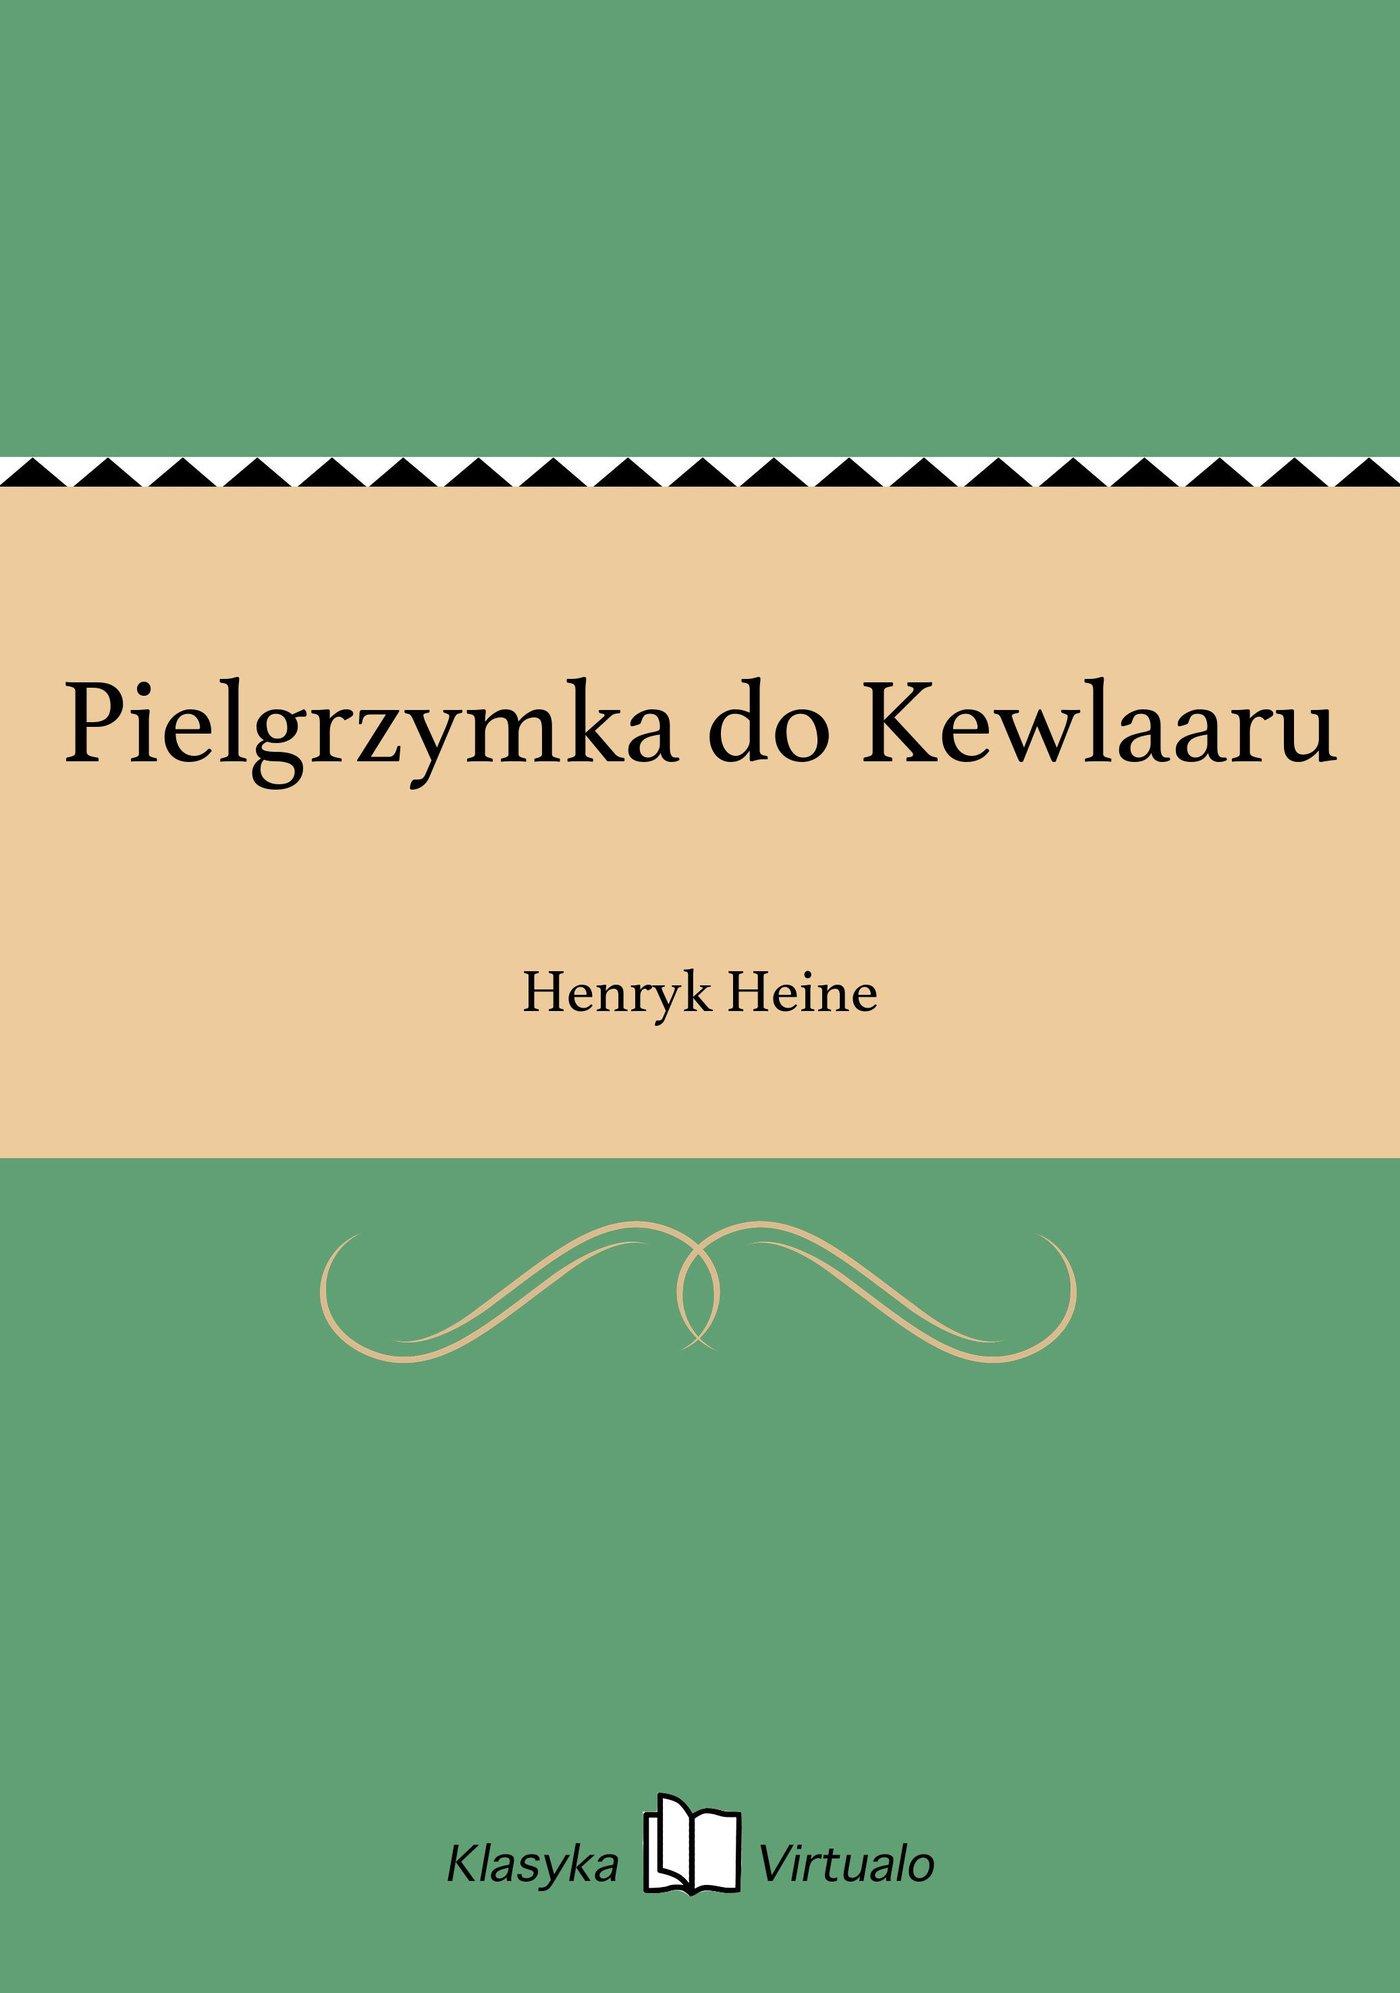 Pielgrzymka do Kewlaaru - Ebook (Książka EPUB) do pobrania w formacie EPUB